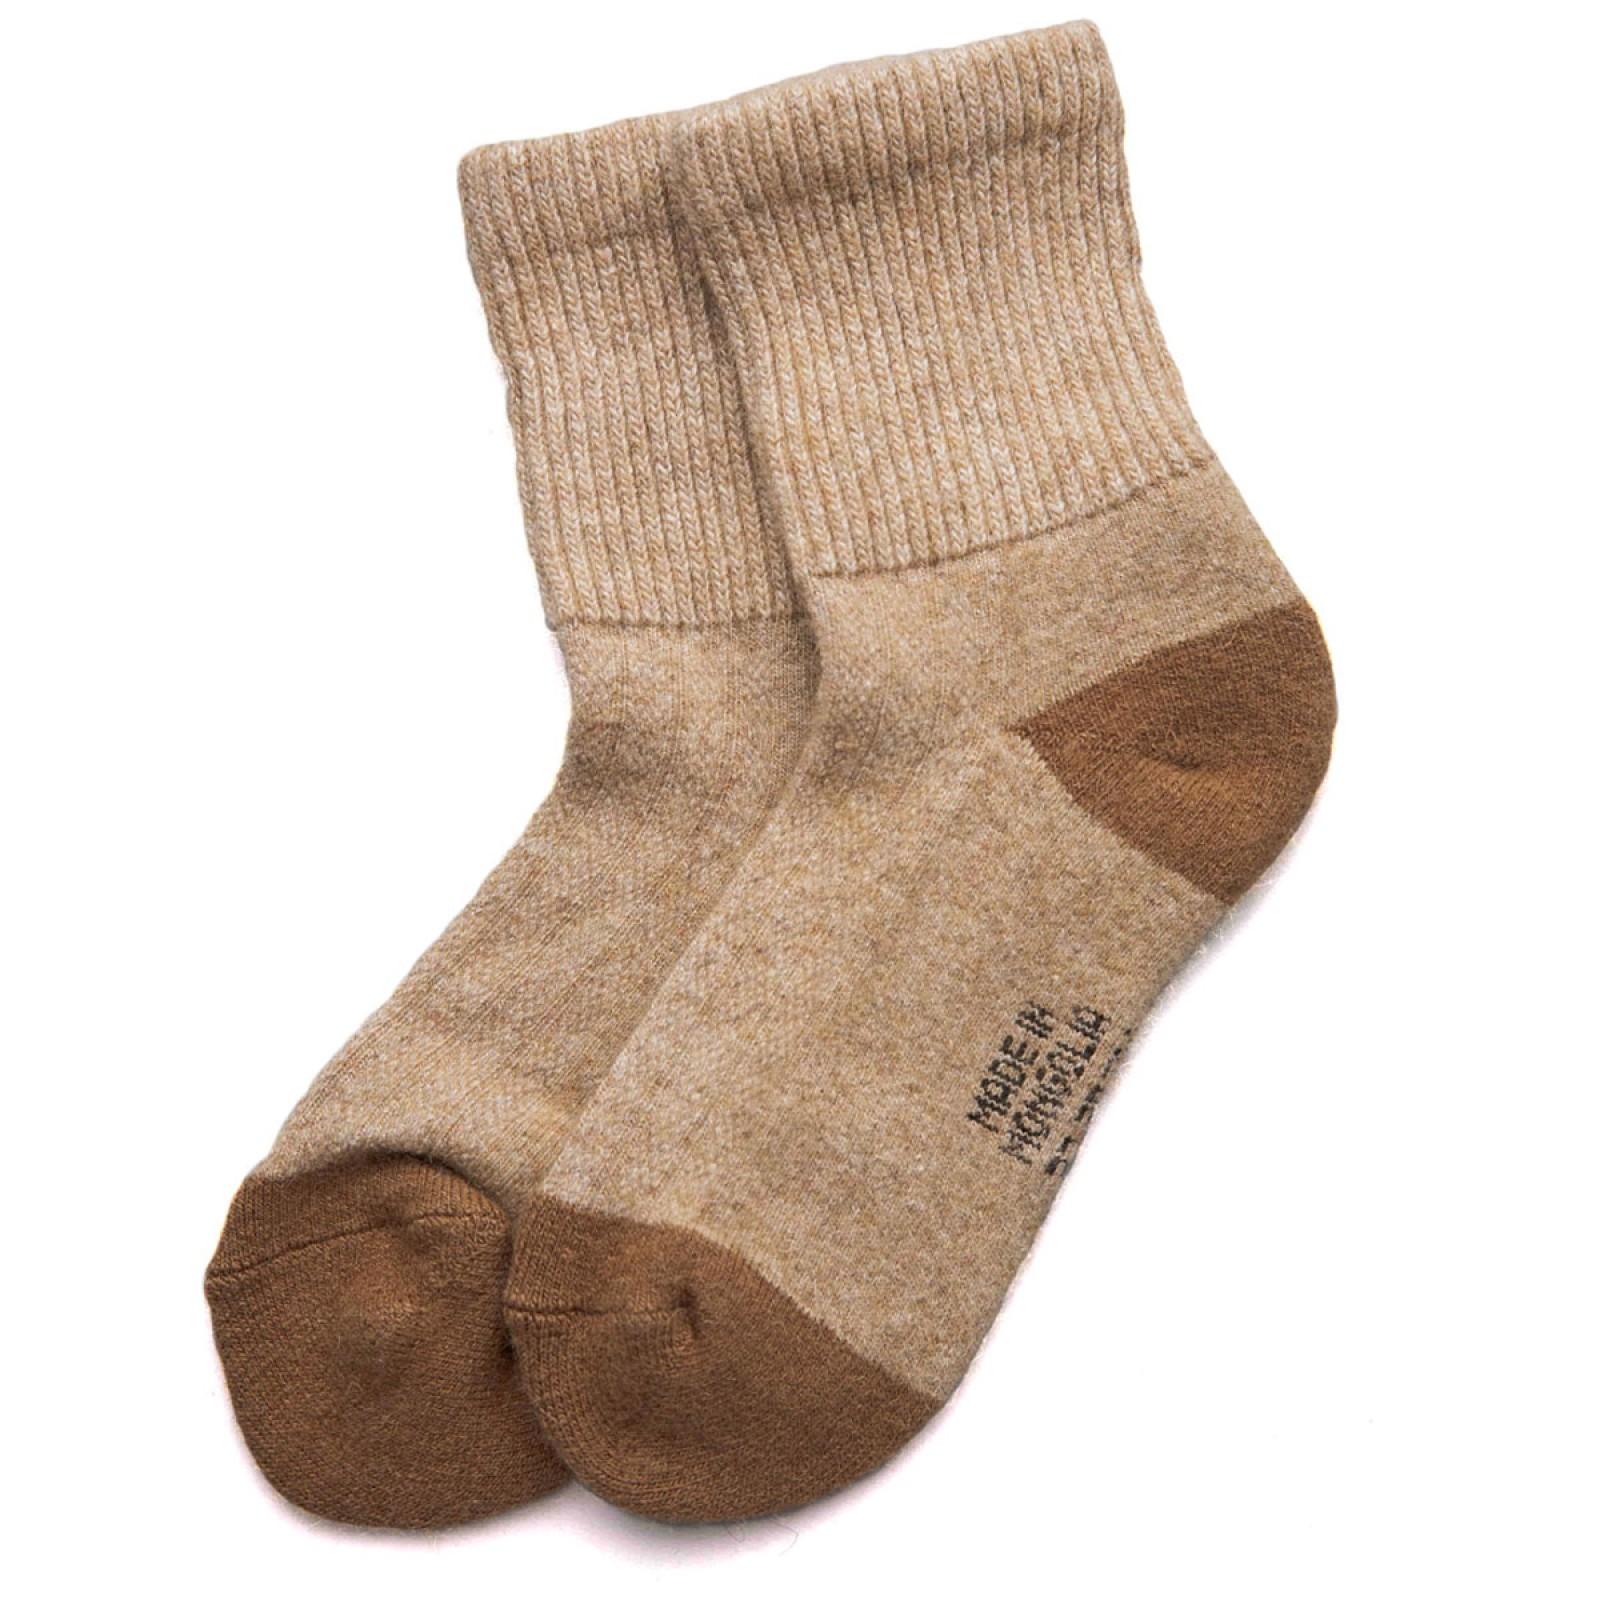 Носки взрослые из монгольской верблюжьей шерсти бежевые